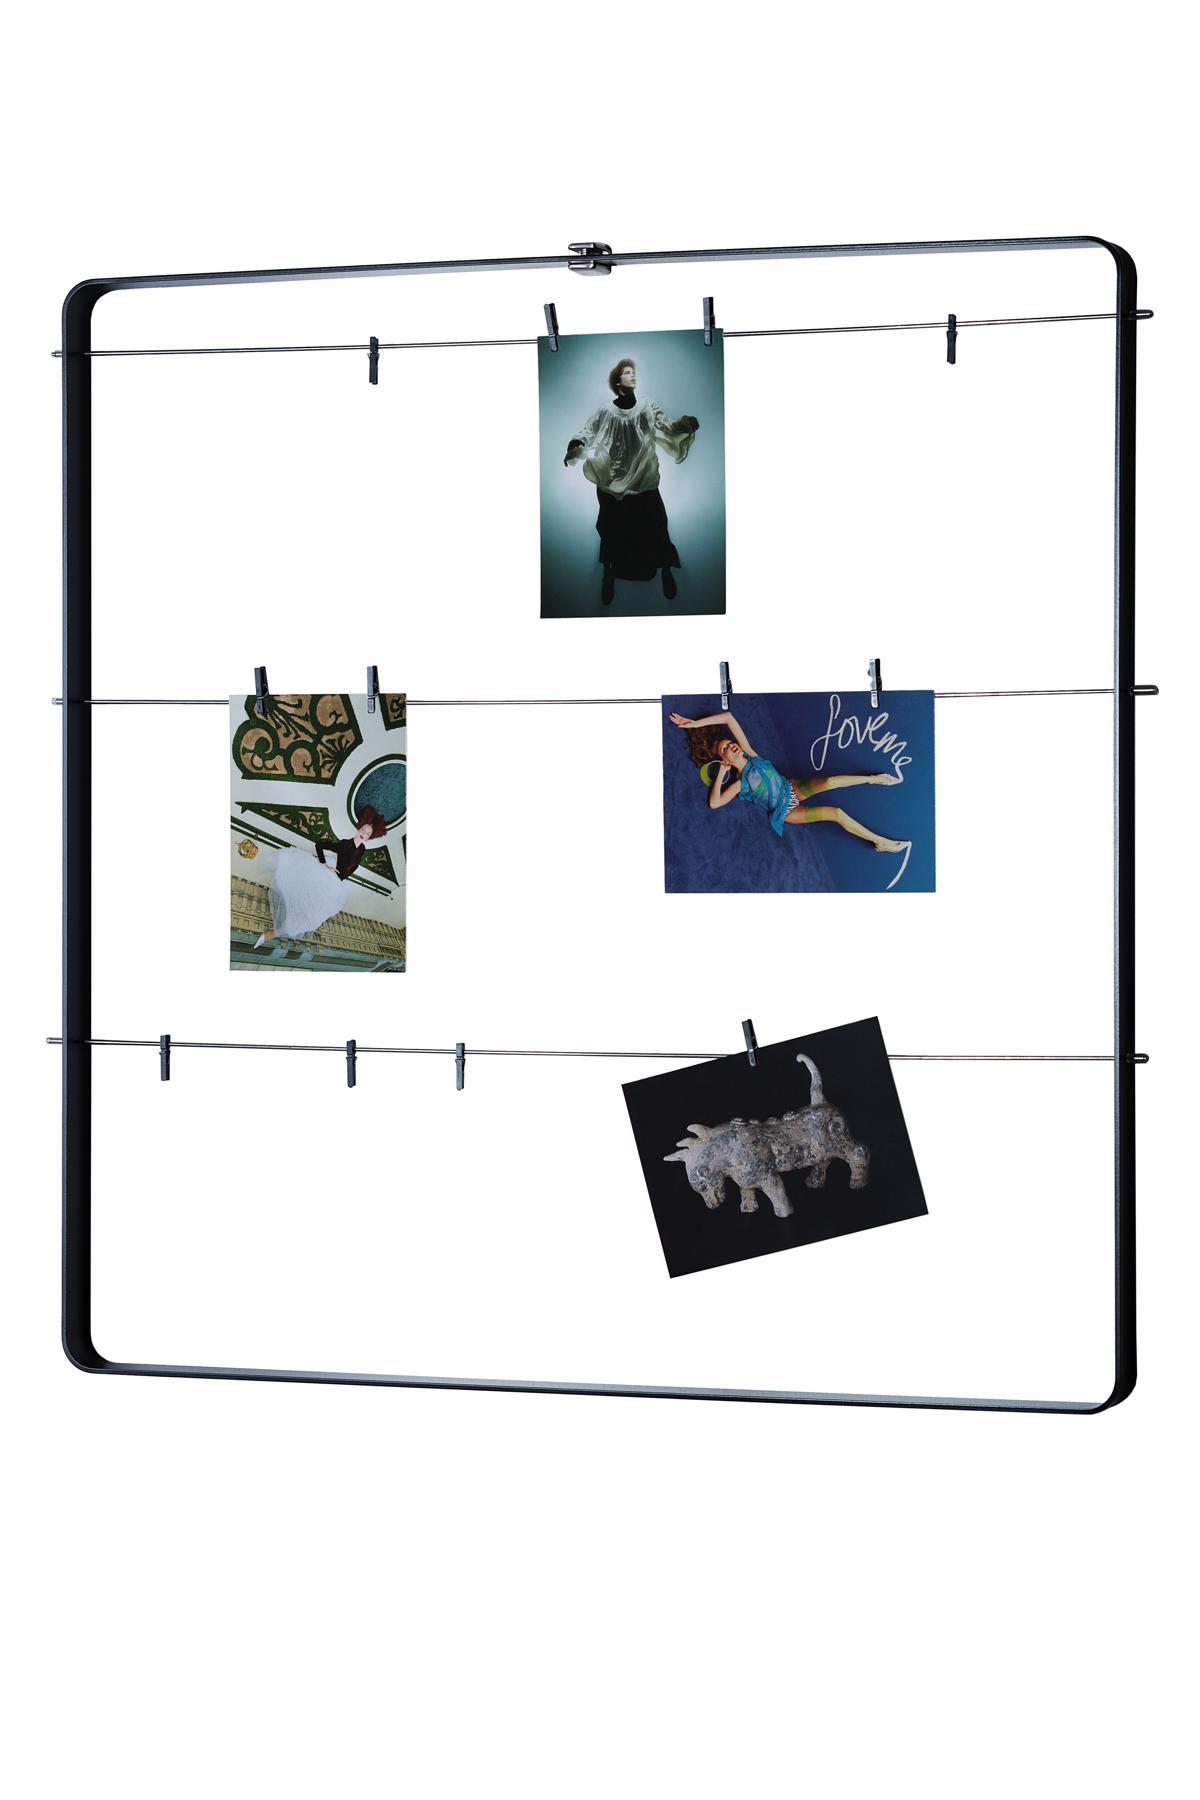 My frame design emozionale di covo